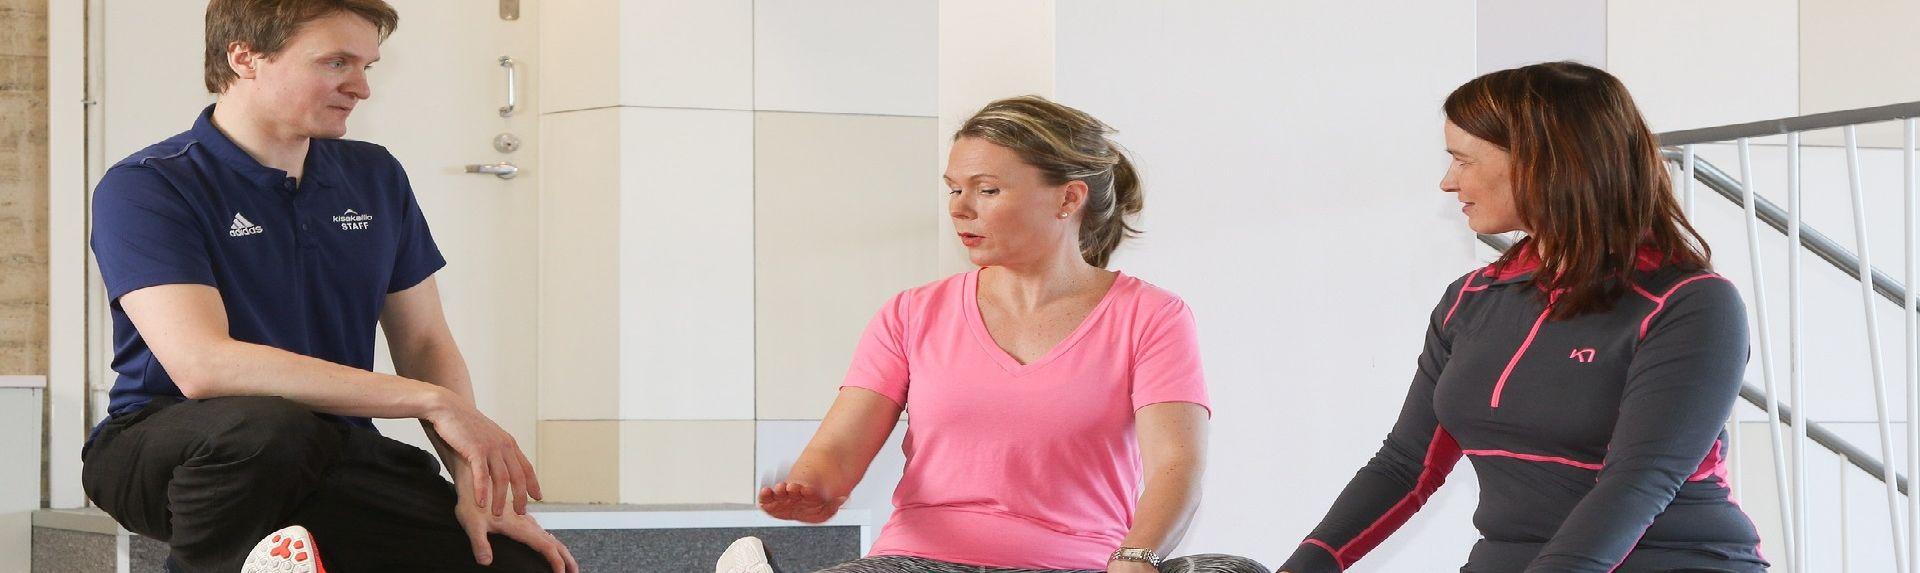 Упражнения на растяжку: как получить гибкое тело